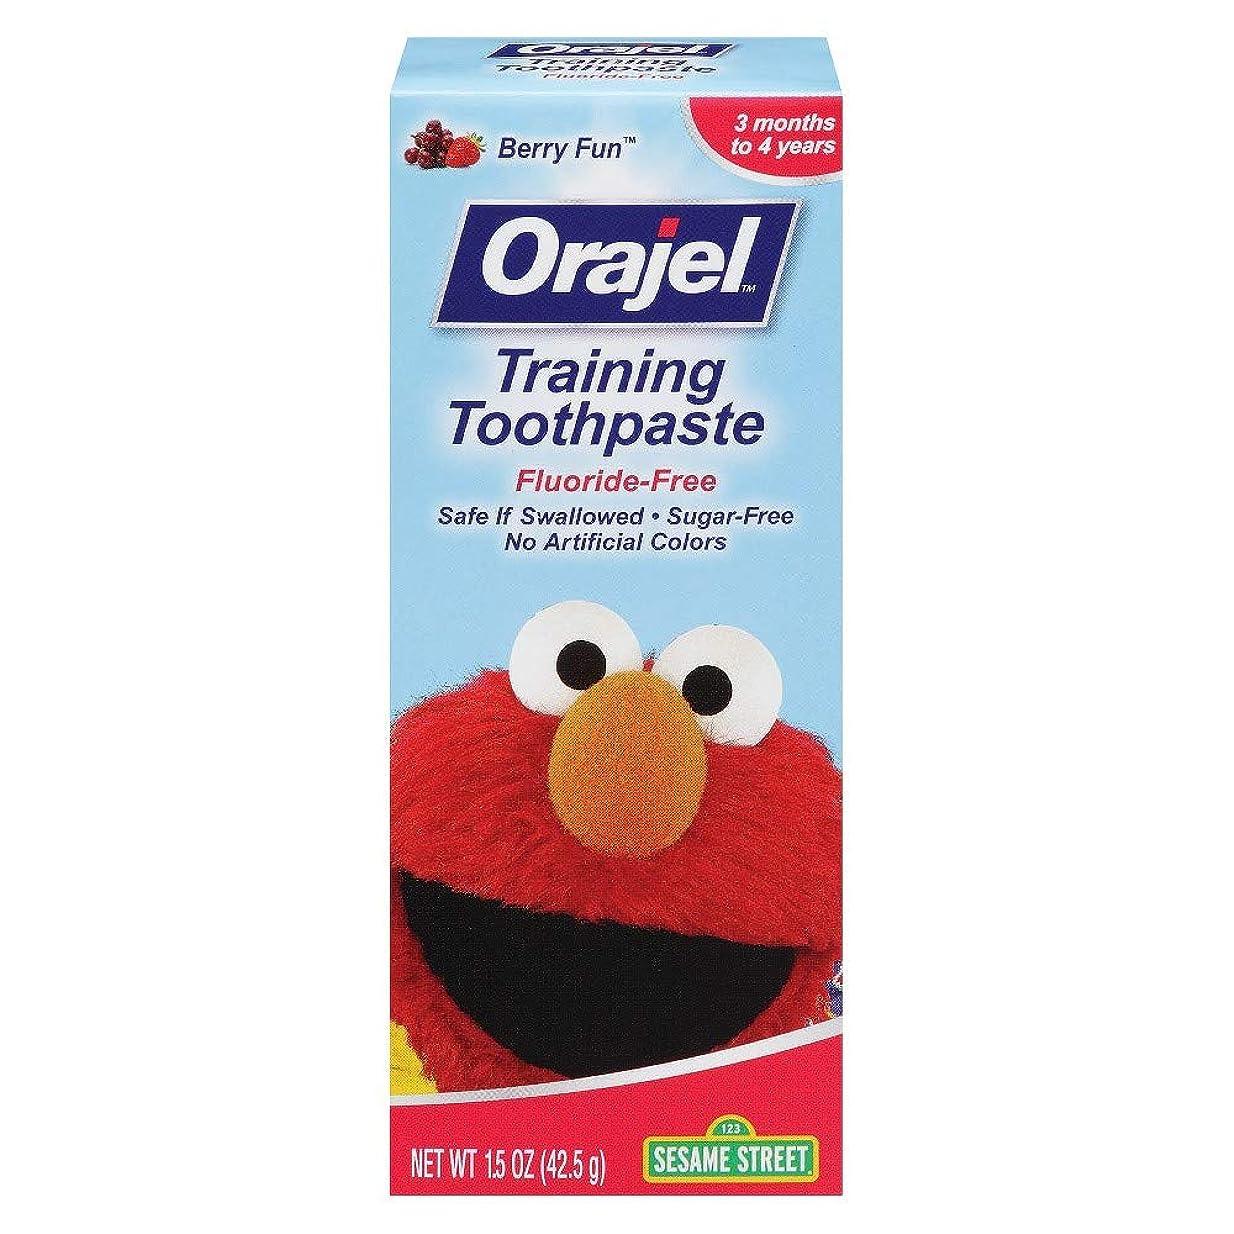 に対応する磁石エンゲージメント【2個セット】(海外直送)お子様用 セサミストリート トレーニング用 歯磨き粉 Orajel Toddler Training Toothpaste 1.5 Oz(42.5g)x2個セット